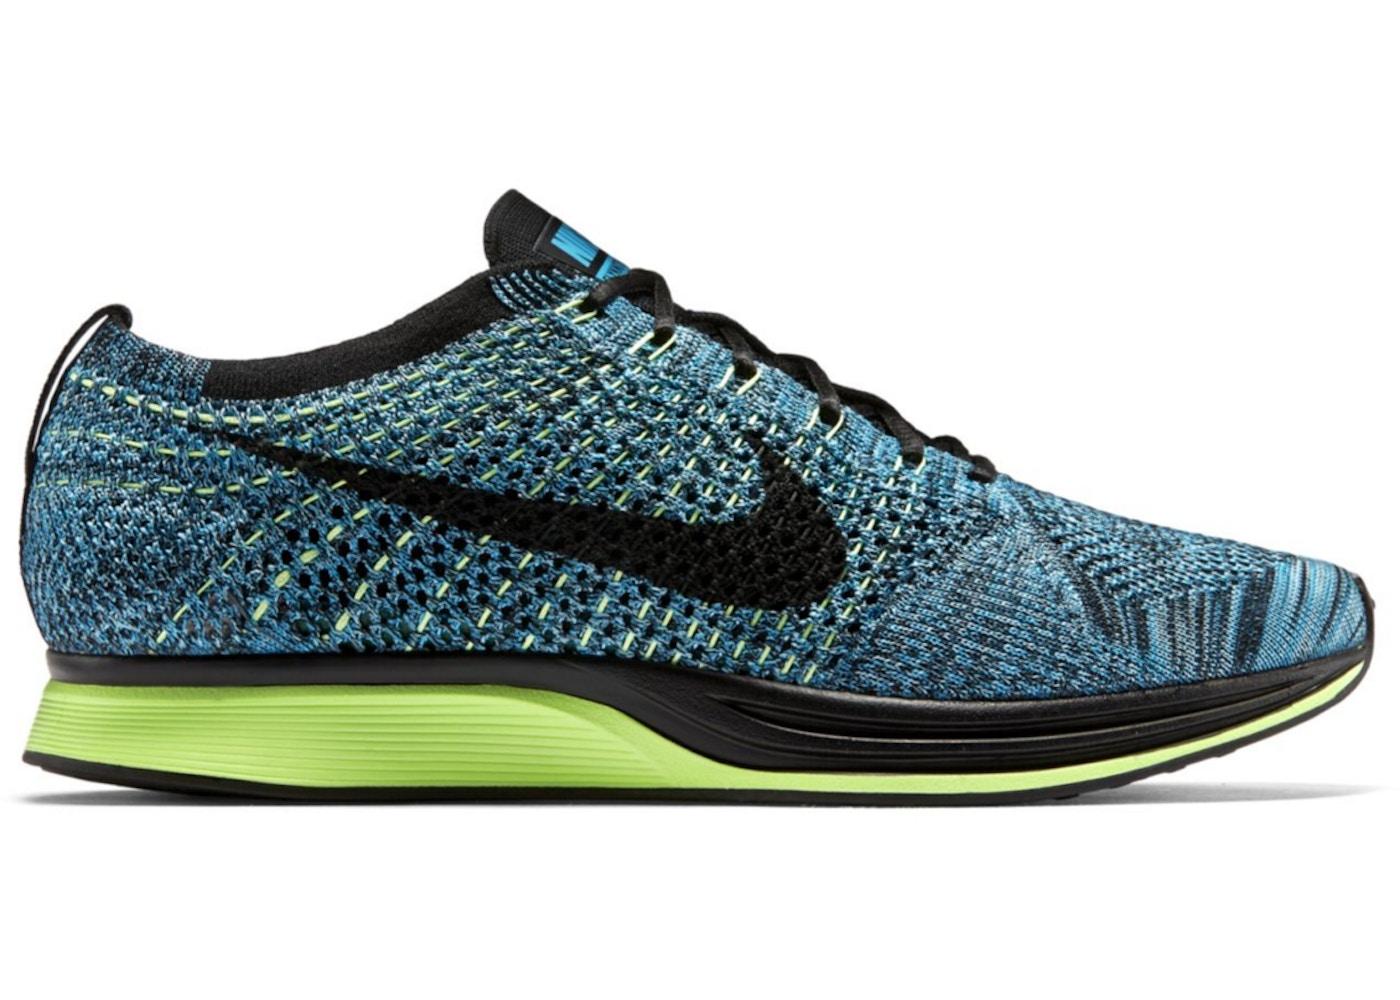 c32979e30c7c Nike Flyknit Racer Blue Gecko - 526628-401